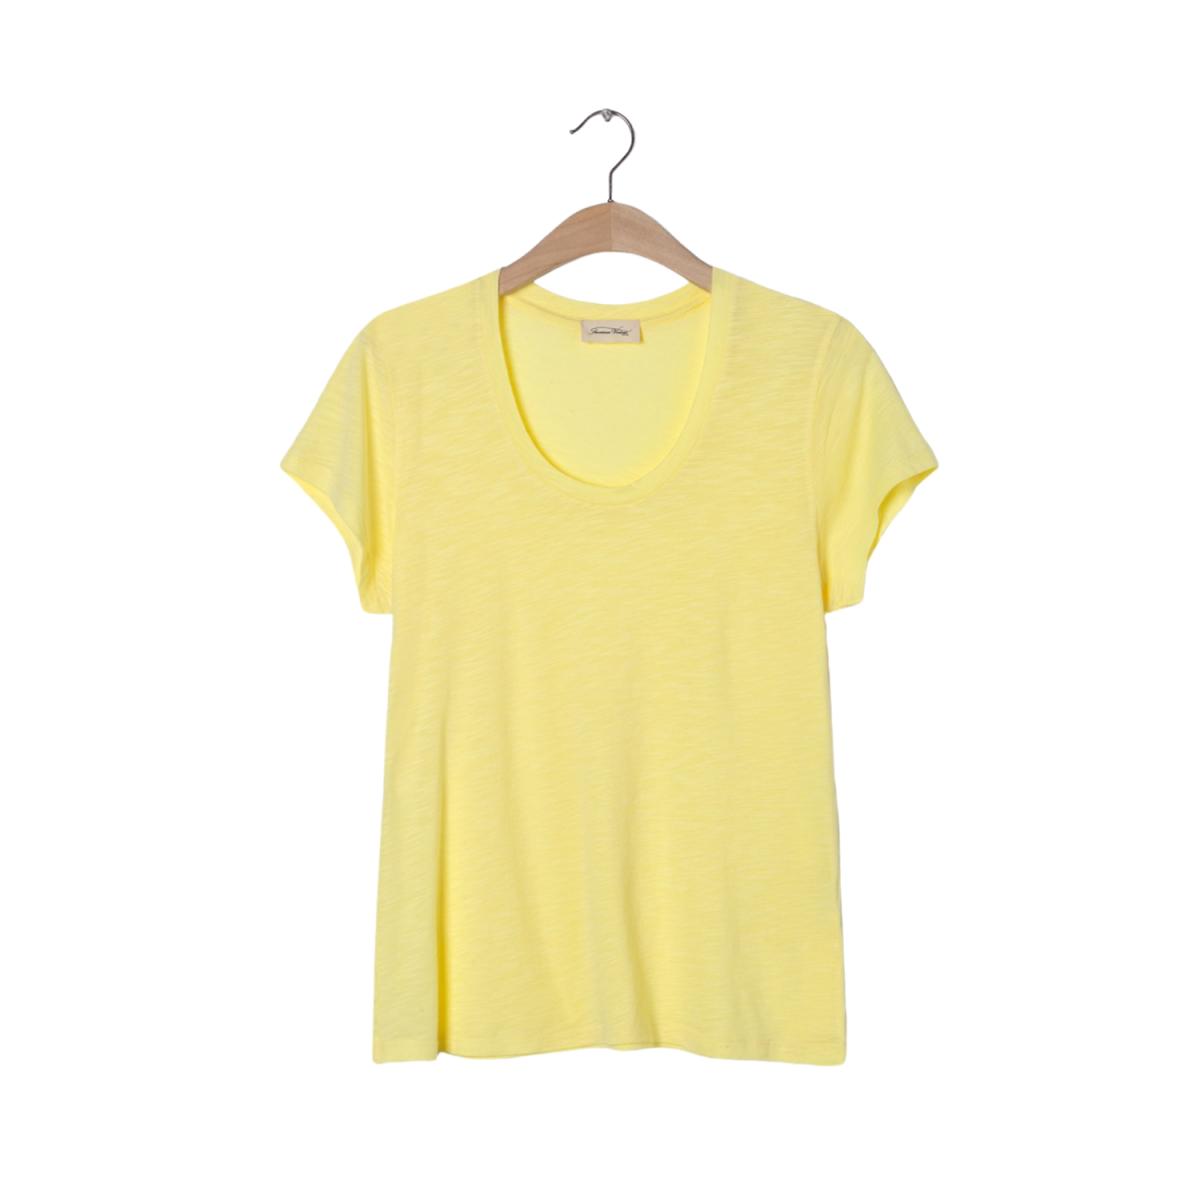 jacksonville t-shirt - genet